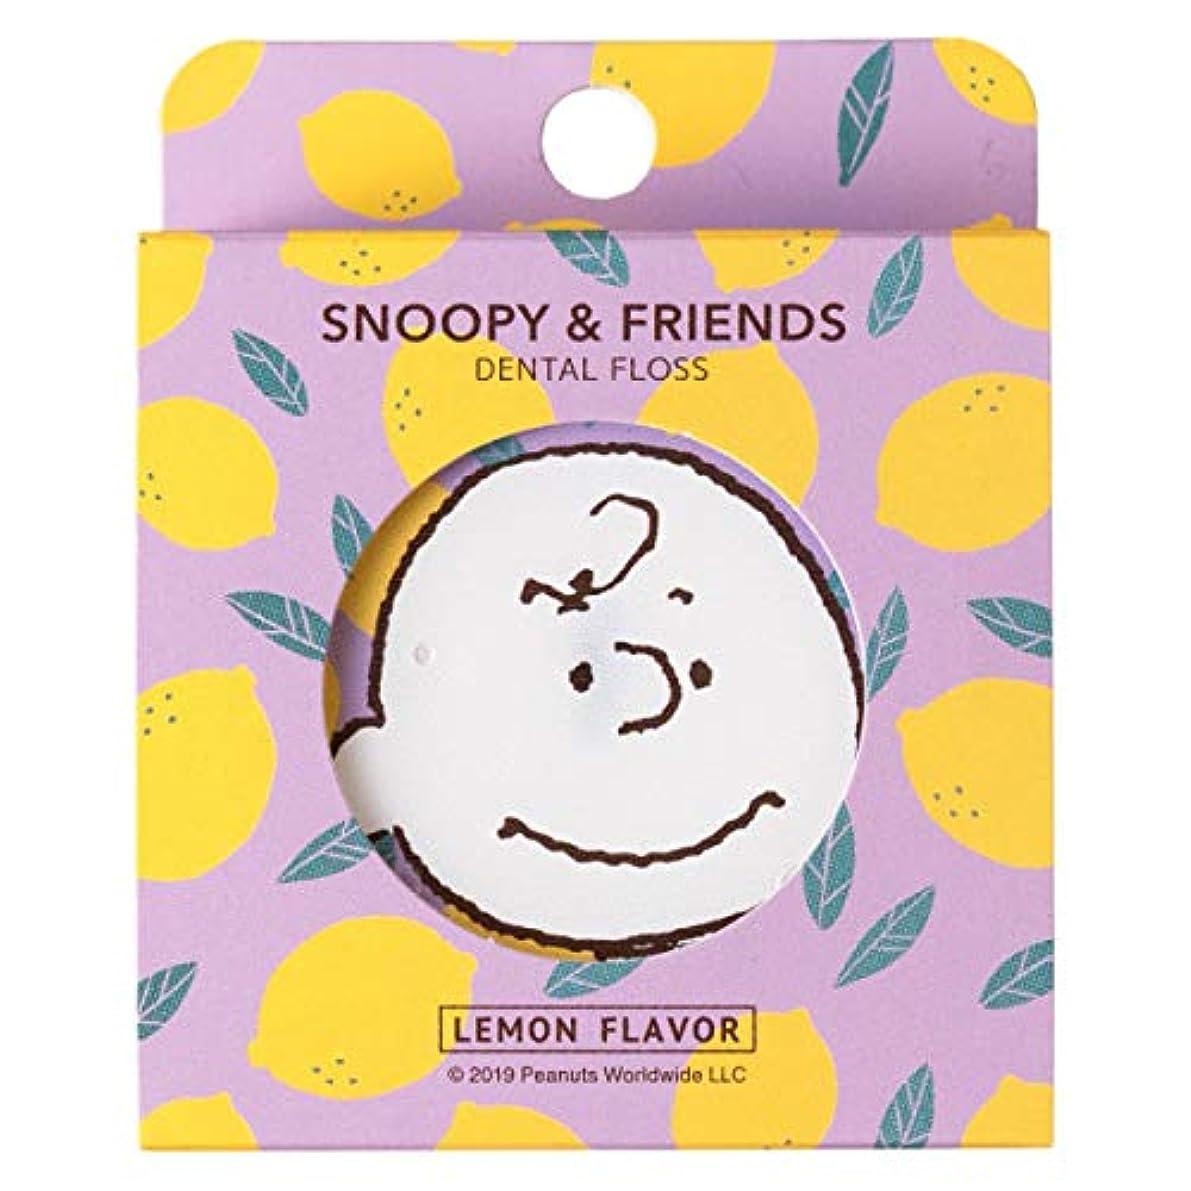 塩辛い三角鳥スヌーピー&フレンズ デンタルフロス レモンの香り 50m 約3ヶ月分